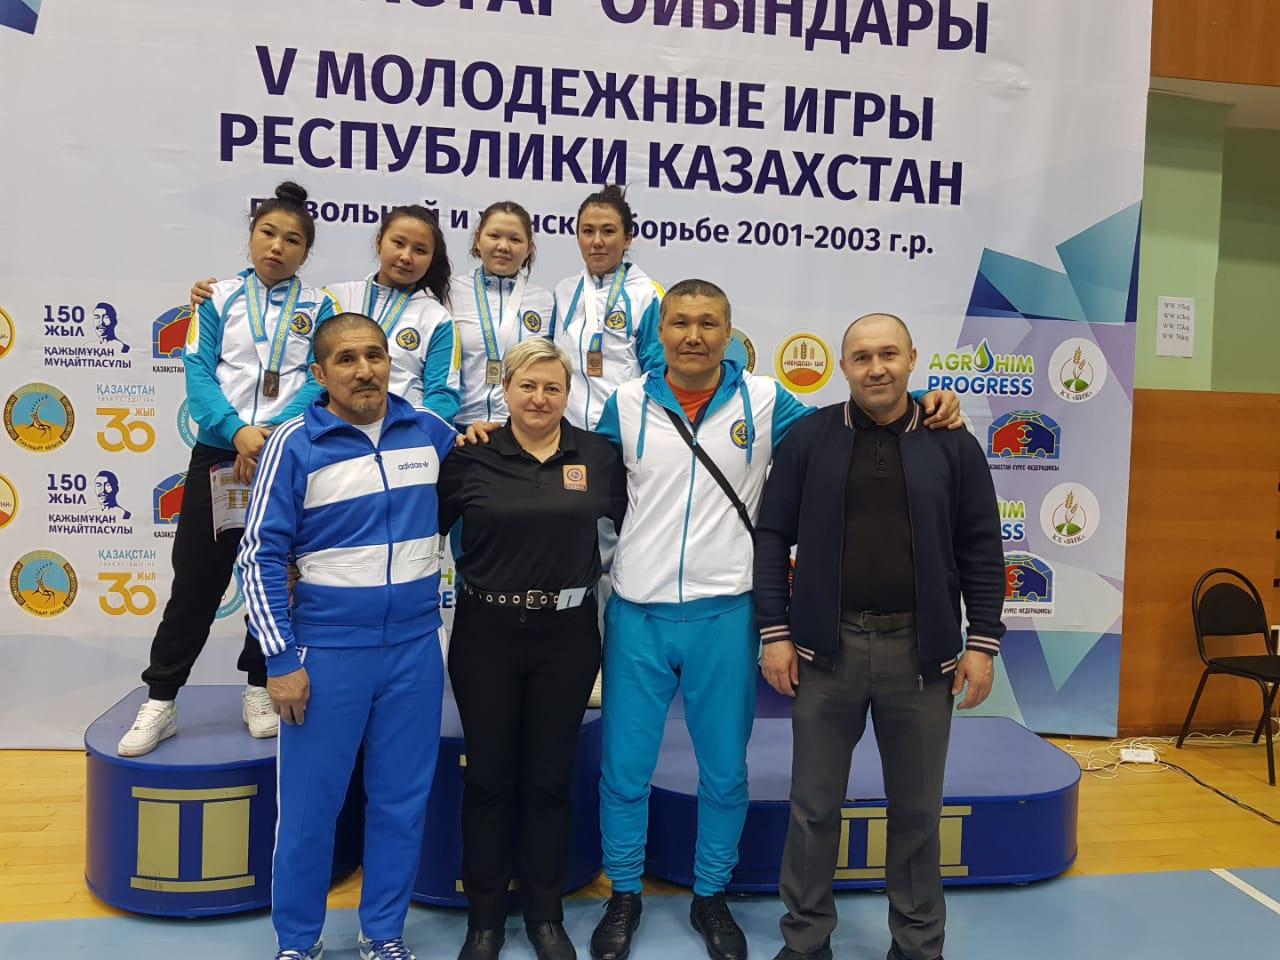 В г. Павлодаре  с  16-17 марта  2021  г.   прошли  V Международные игры  РК  по  женской борьбе среди молодежи 2001-2003 г.р.